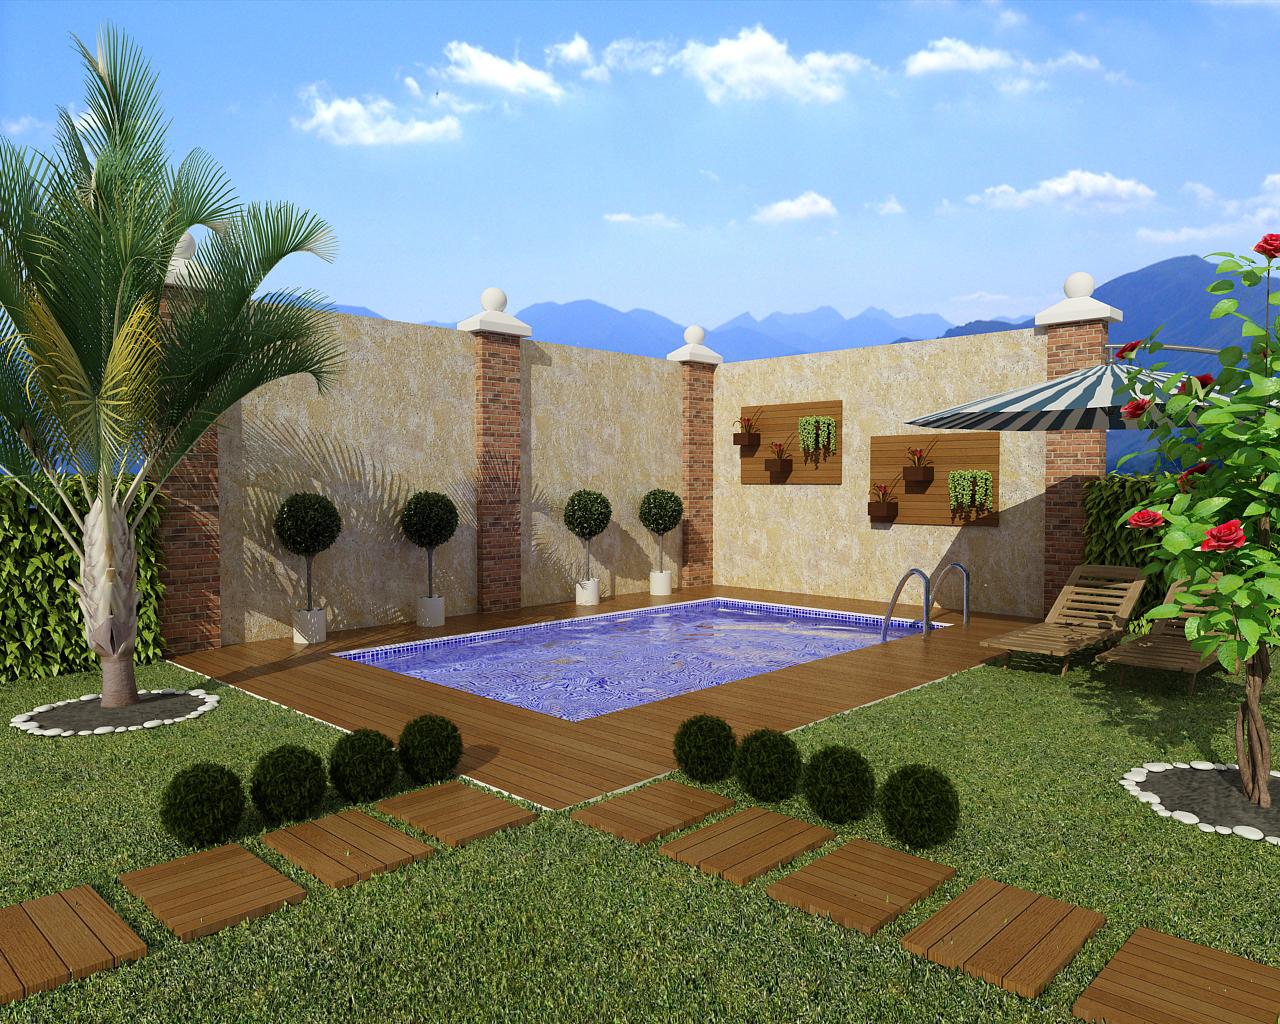 Decora o para jardim com piscina dicas e fotos for Ver modelos de piscinas